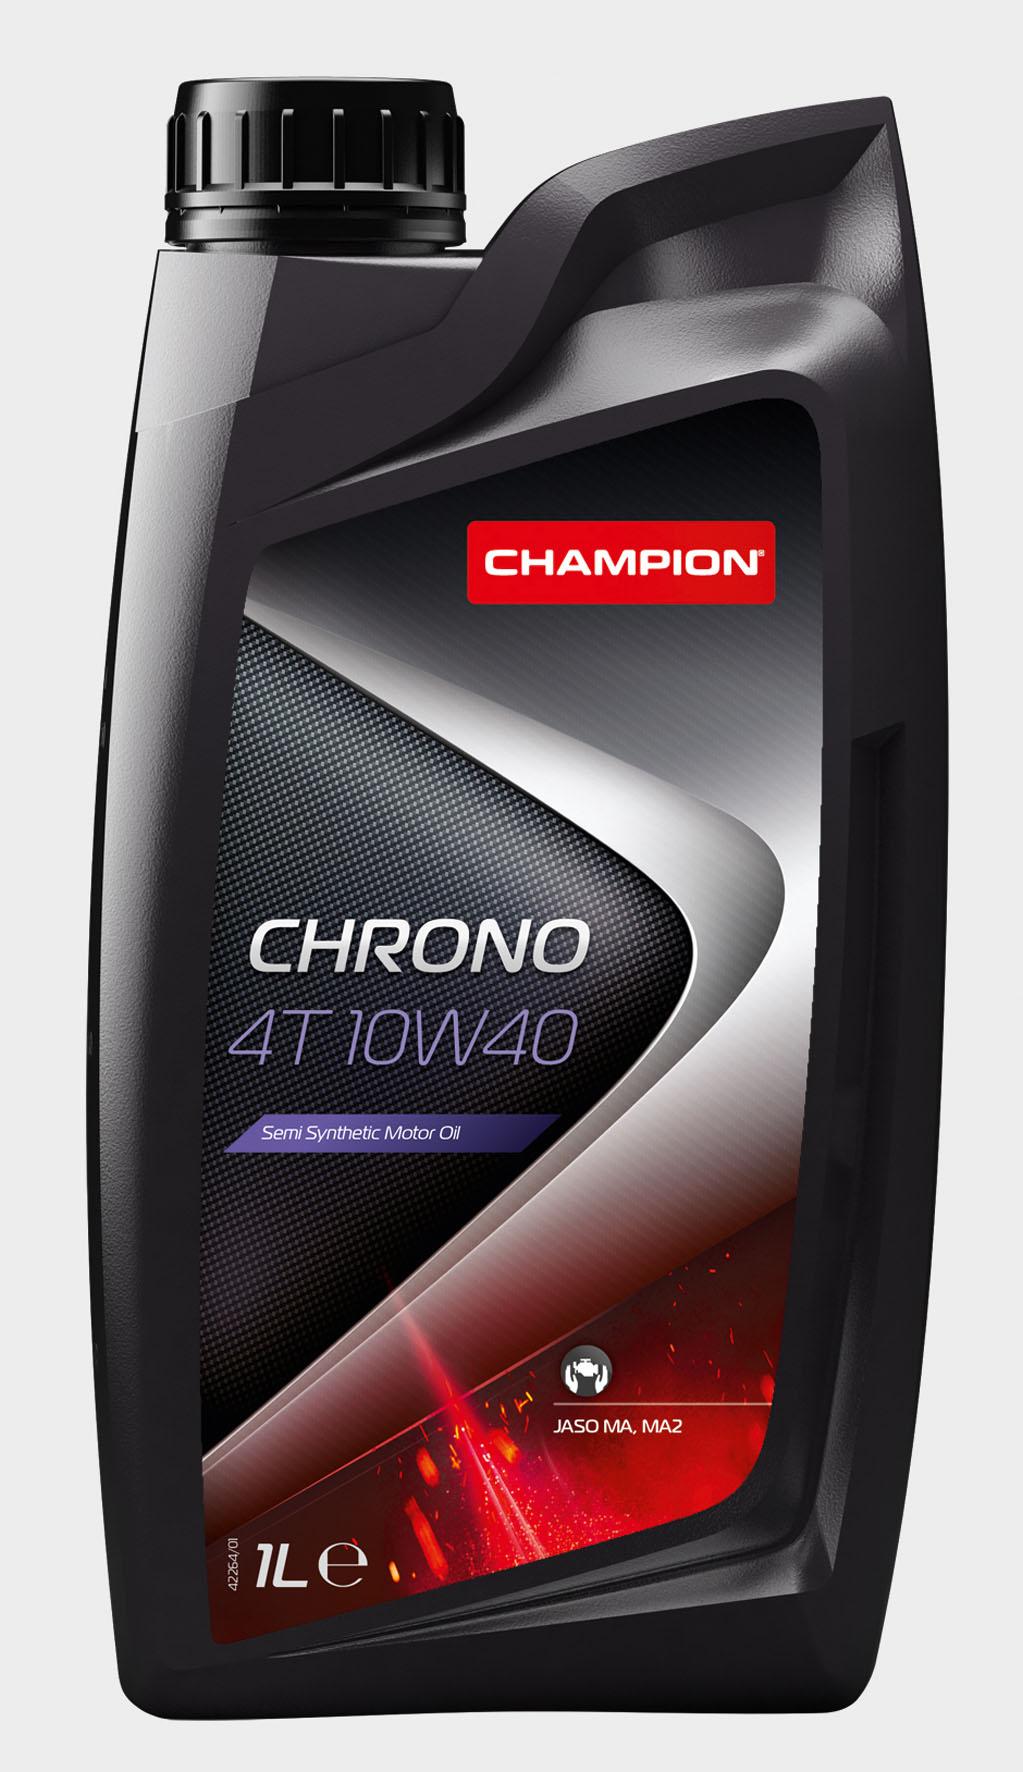 Champion Chrono 4T 10W40